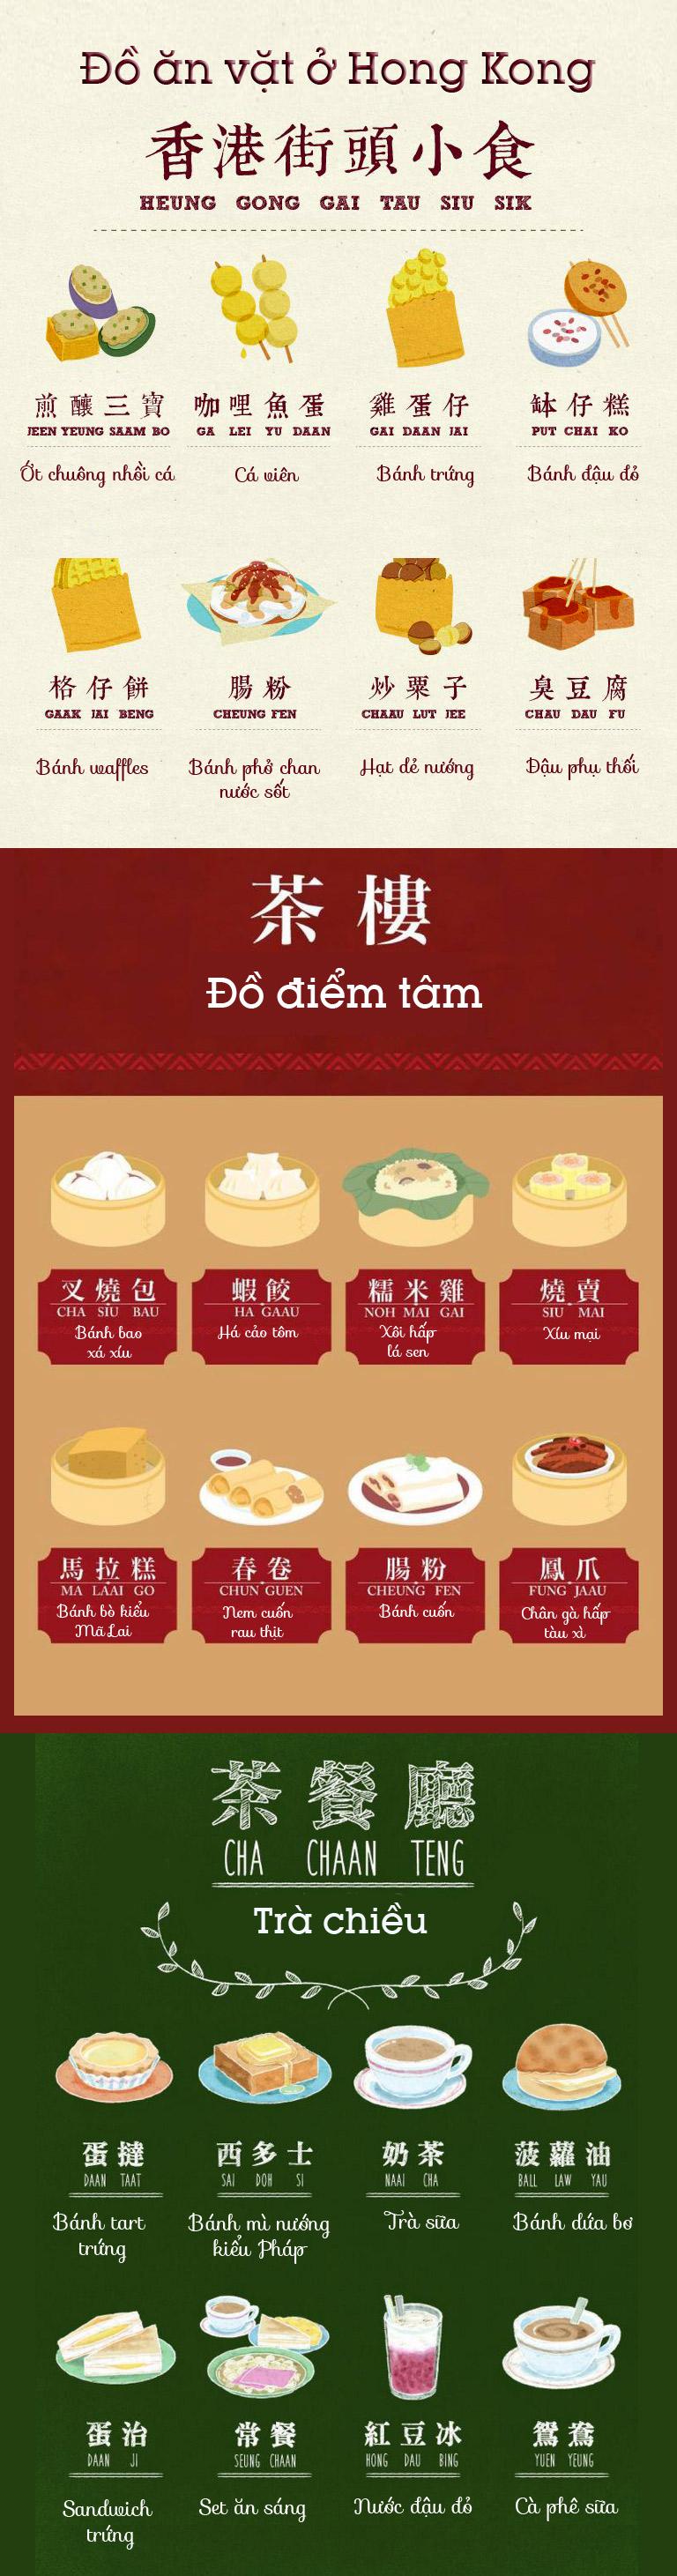 Cẩm nang ẩm thực 'ăn hết cả Hong Kong'